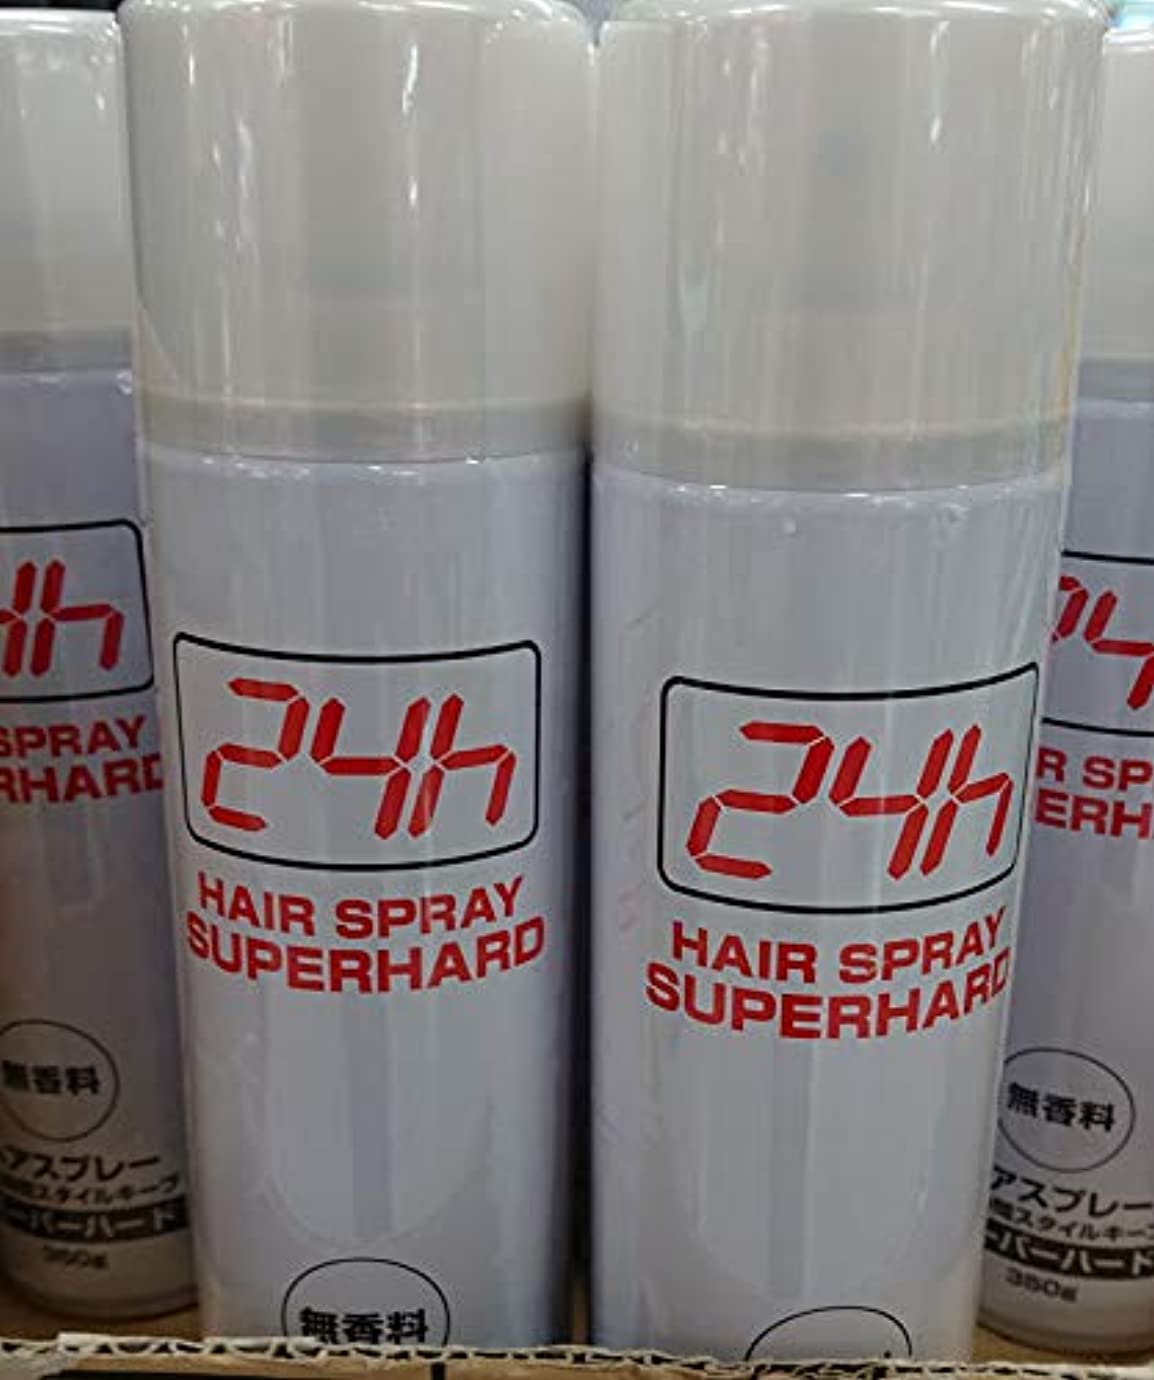 被害者コーラスイデオロギーKEEP24 ヘアスプレー スーパーハード 無香料 大容量350g 1本